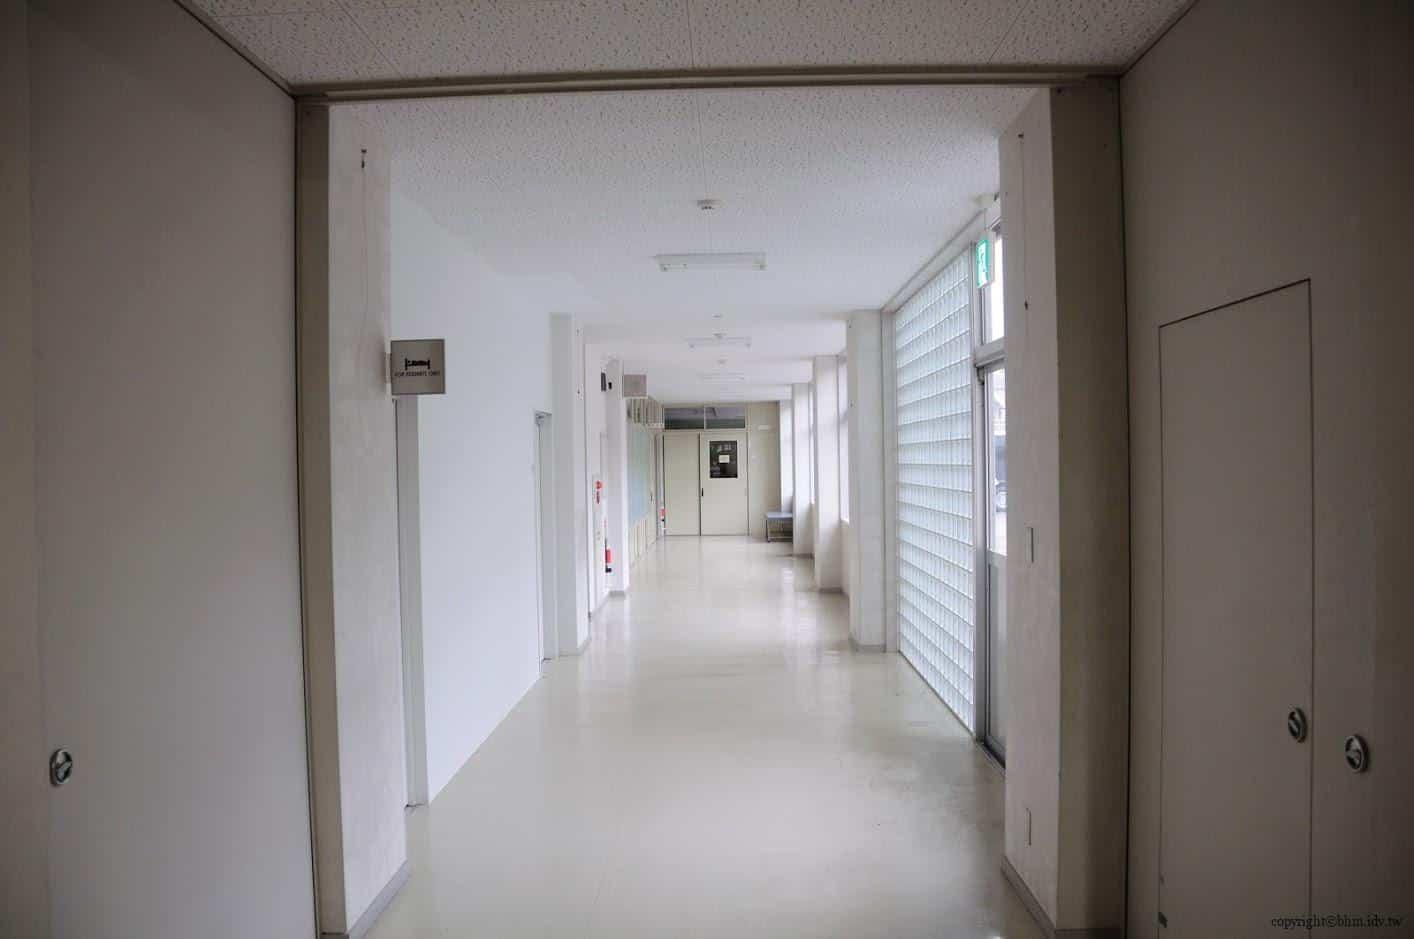 豊田恒行,越後妻有「上鄉劇場館」入口,住宿、餐飲、劇場、展覽等複合功能的設施的空間,平日未開放二樓劇場館無法一窺究竟,只能在一樓的走廊中參觀。一整個白色視覺整體感,俐落中帶有樸實 越後妻有「上鄉劇場館」 越後妻有「上鄉劇場館」 Echigo Tsumari Kamigo Clove Theatre 06